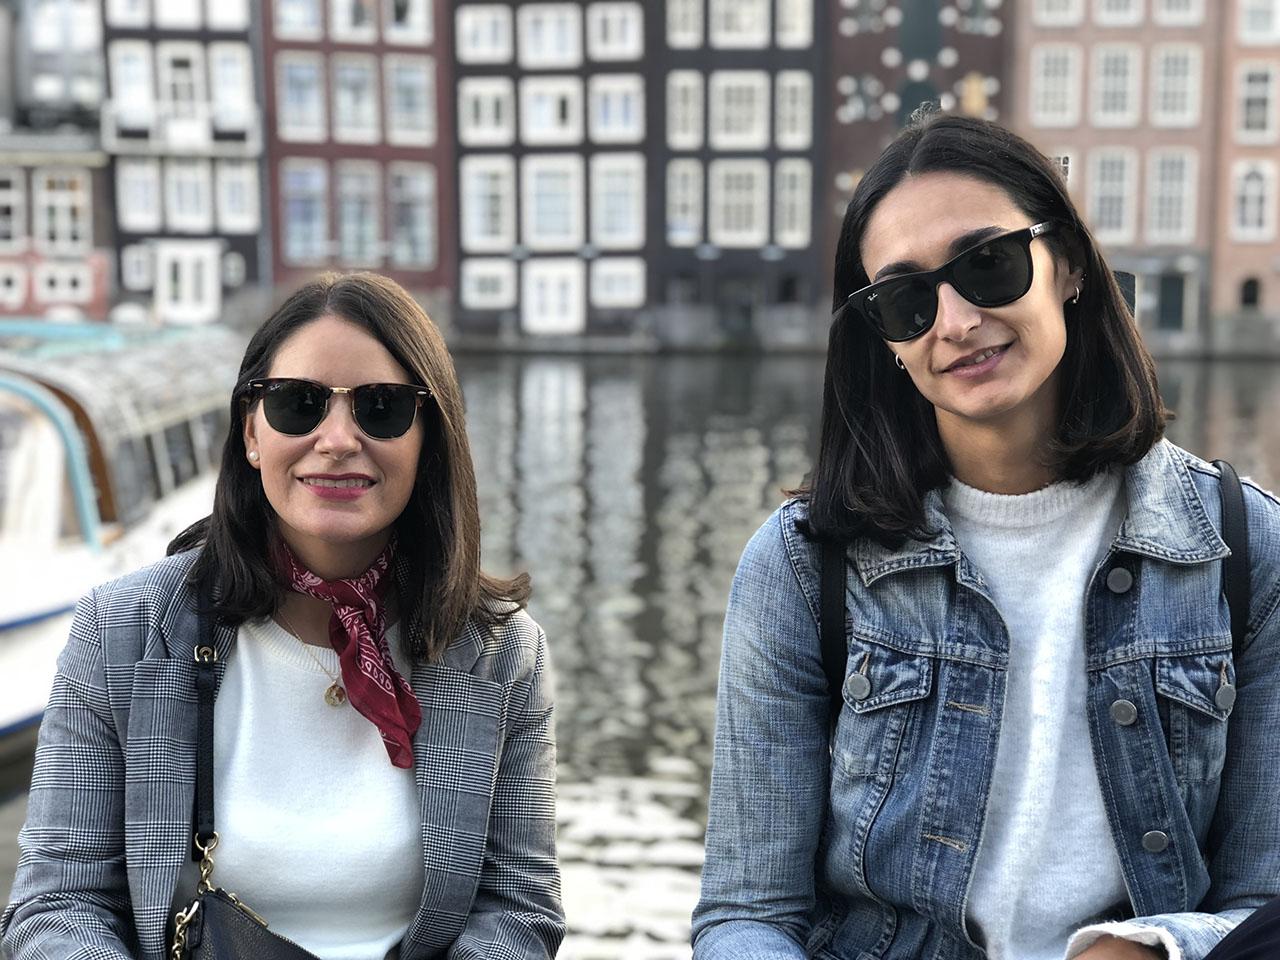 Twee vrouwen, foto gemaakt met iPhone 8 Plus